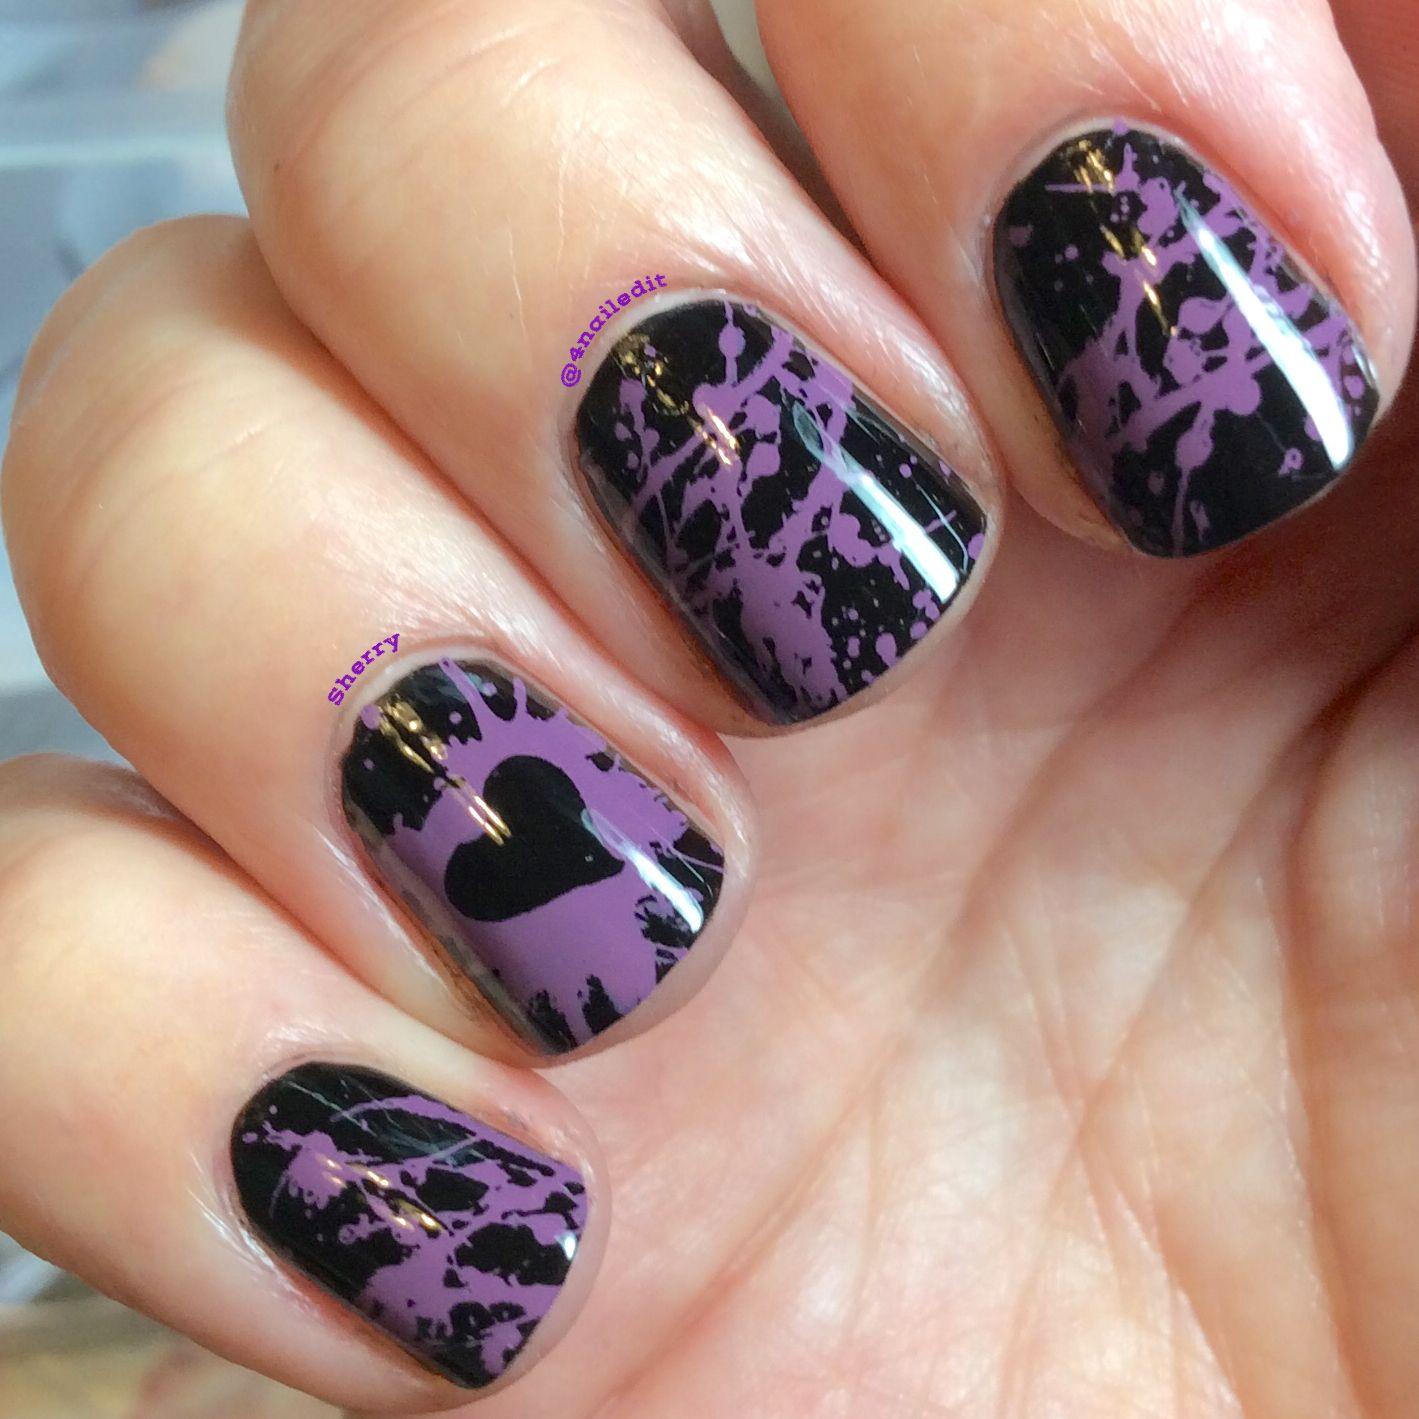 Pin by Wendy L on nail art | Pinterest | Nail art supplies, Nail ...